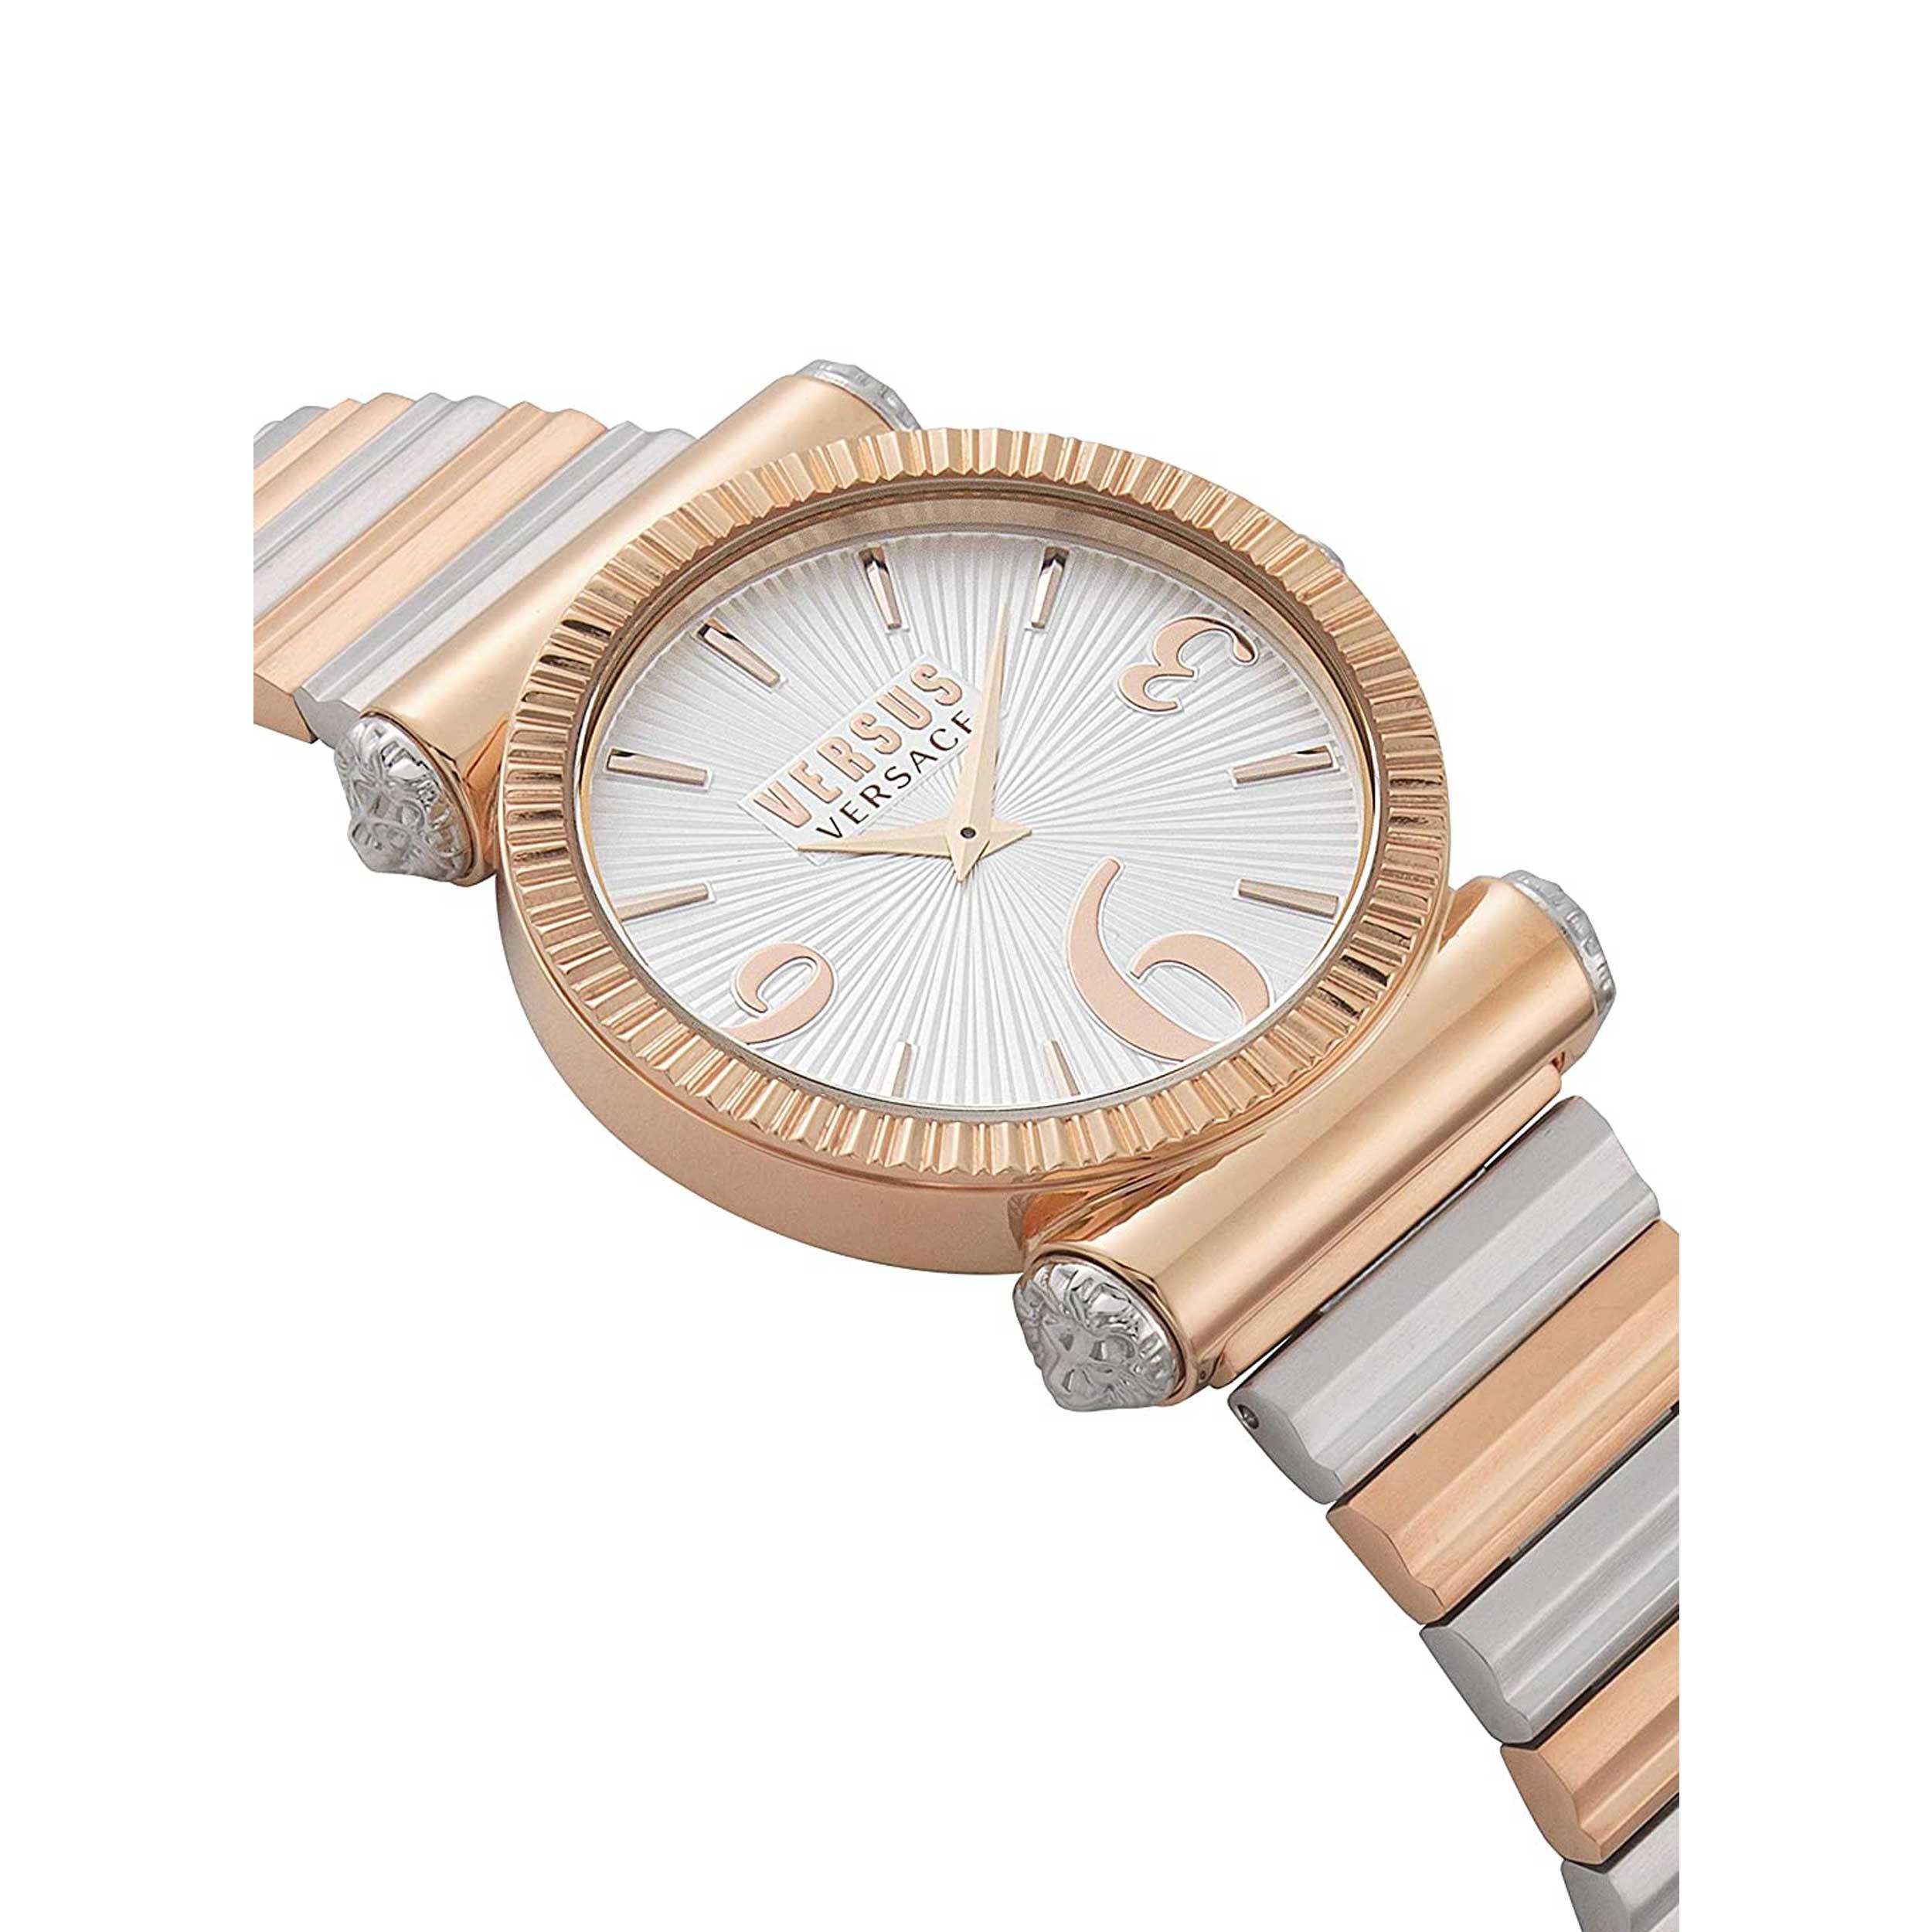 ساعت مچی عقربه ای زنانه ورسوس ورساچه مدل VSP1V1119              خرید (⭐️⭐️⭐️)